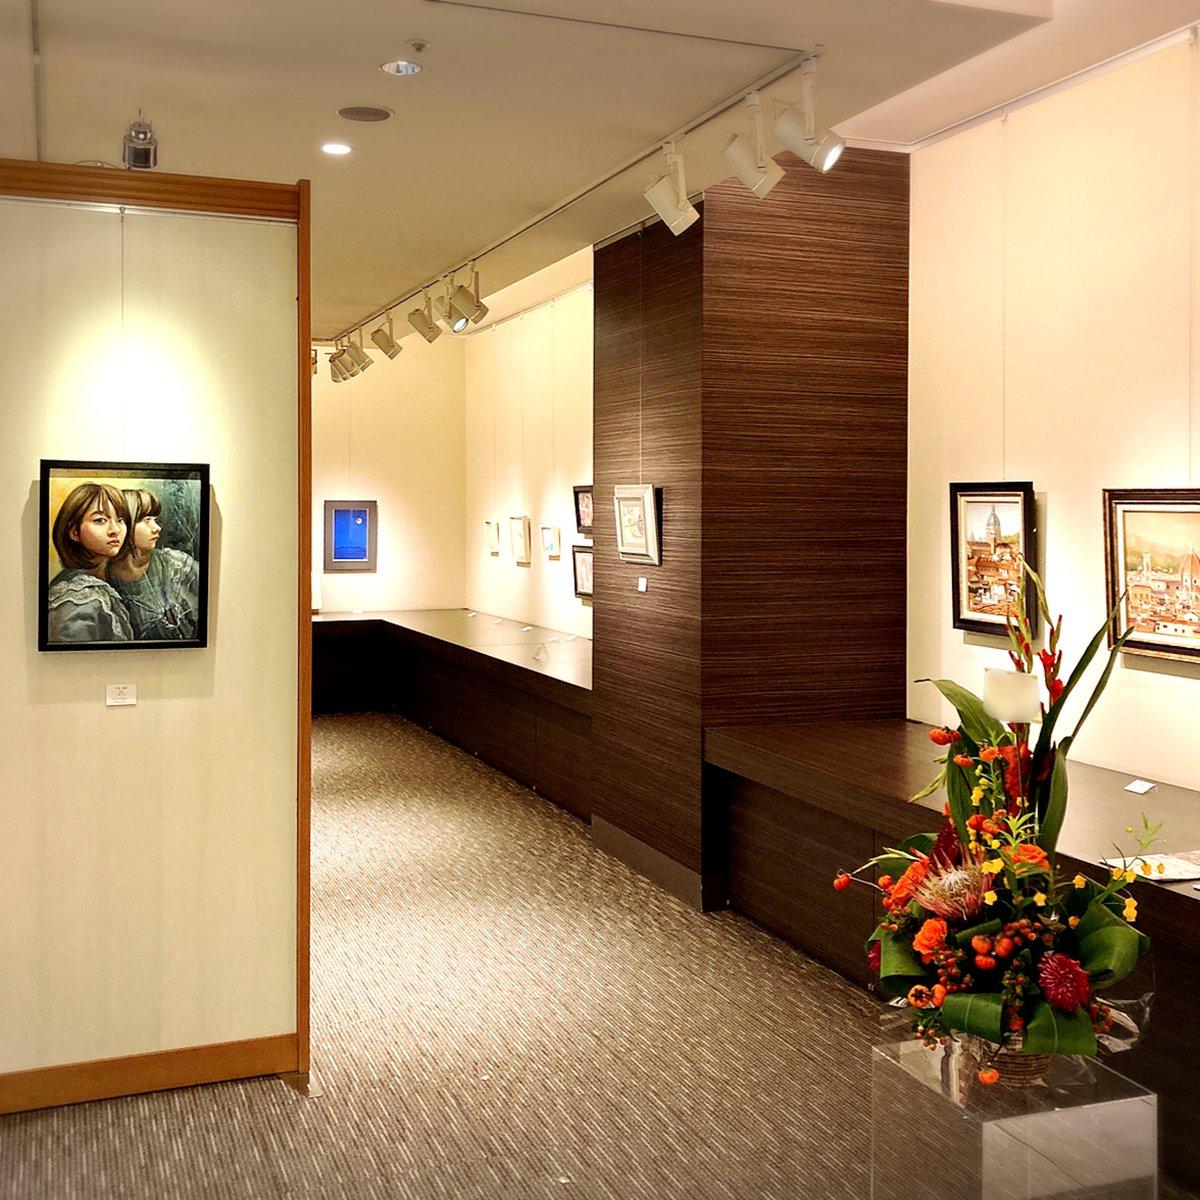 【北海道ゆかりの新世代作家による美術展「サッポロ未来展」開催✨】  8階 美術画廊では、北海道の芸術文化の振興を図ることを目的に発足した「サッポロ未来展」開催🥰✨若手作家による芸術の世界をお楽しみください♪  詳しくはhttps://t.co/5GpT6qxPoQ  9/8(火)17時閉場  #大丸札幌  #サッポロ未来展 https://t.co/wv4PVJzrwx